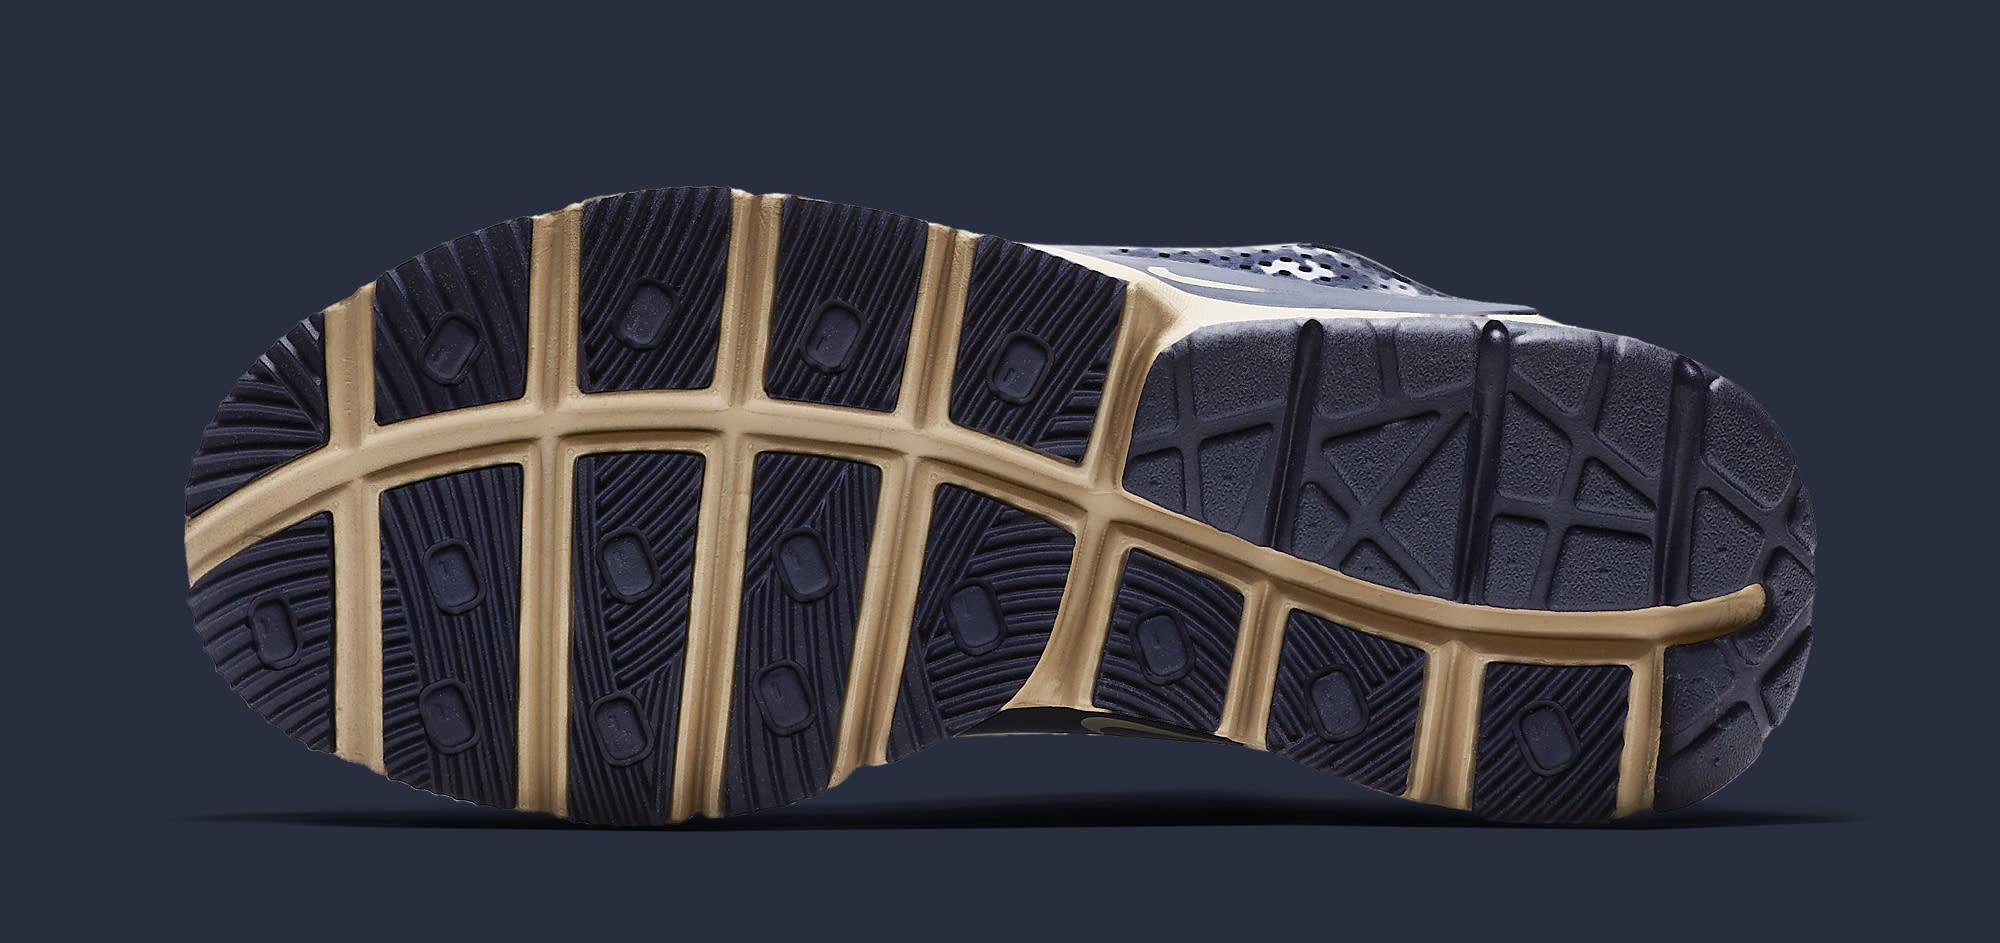 Stone Island Nike Sock Dart 910090-400 Sole